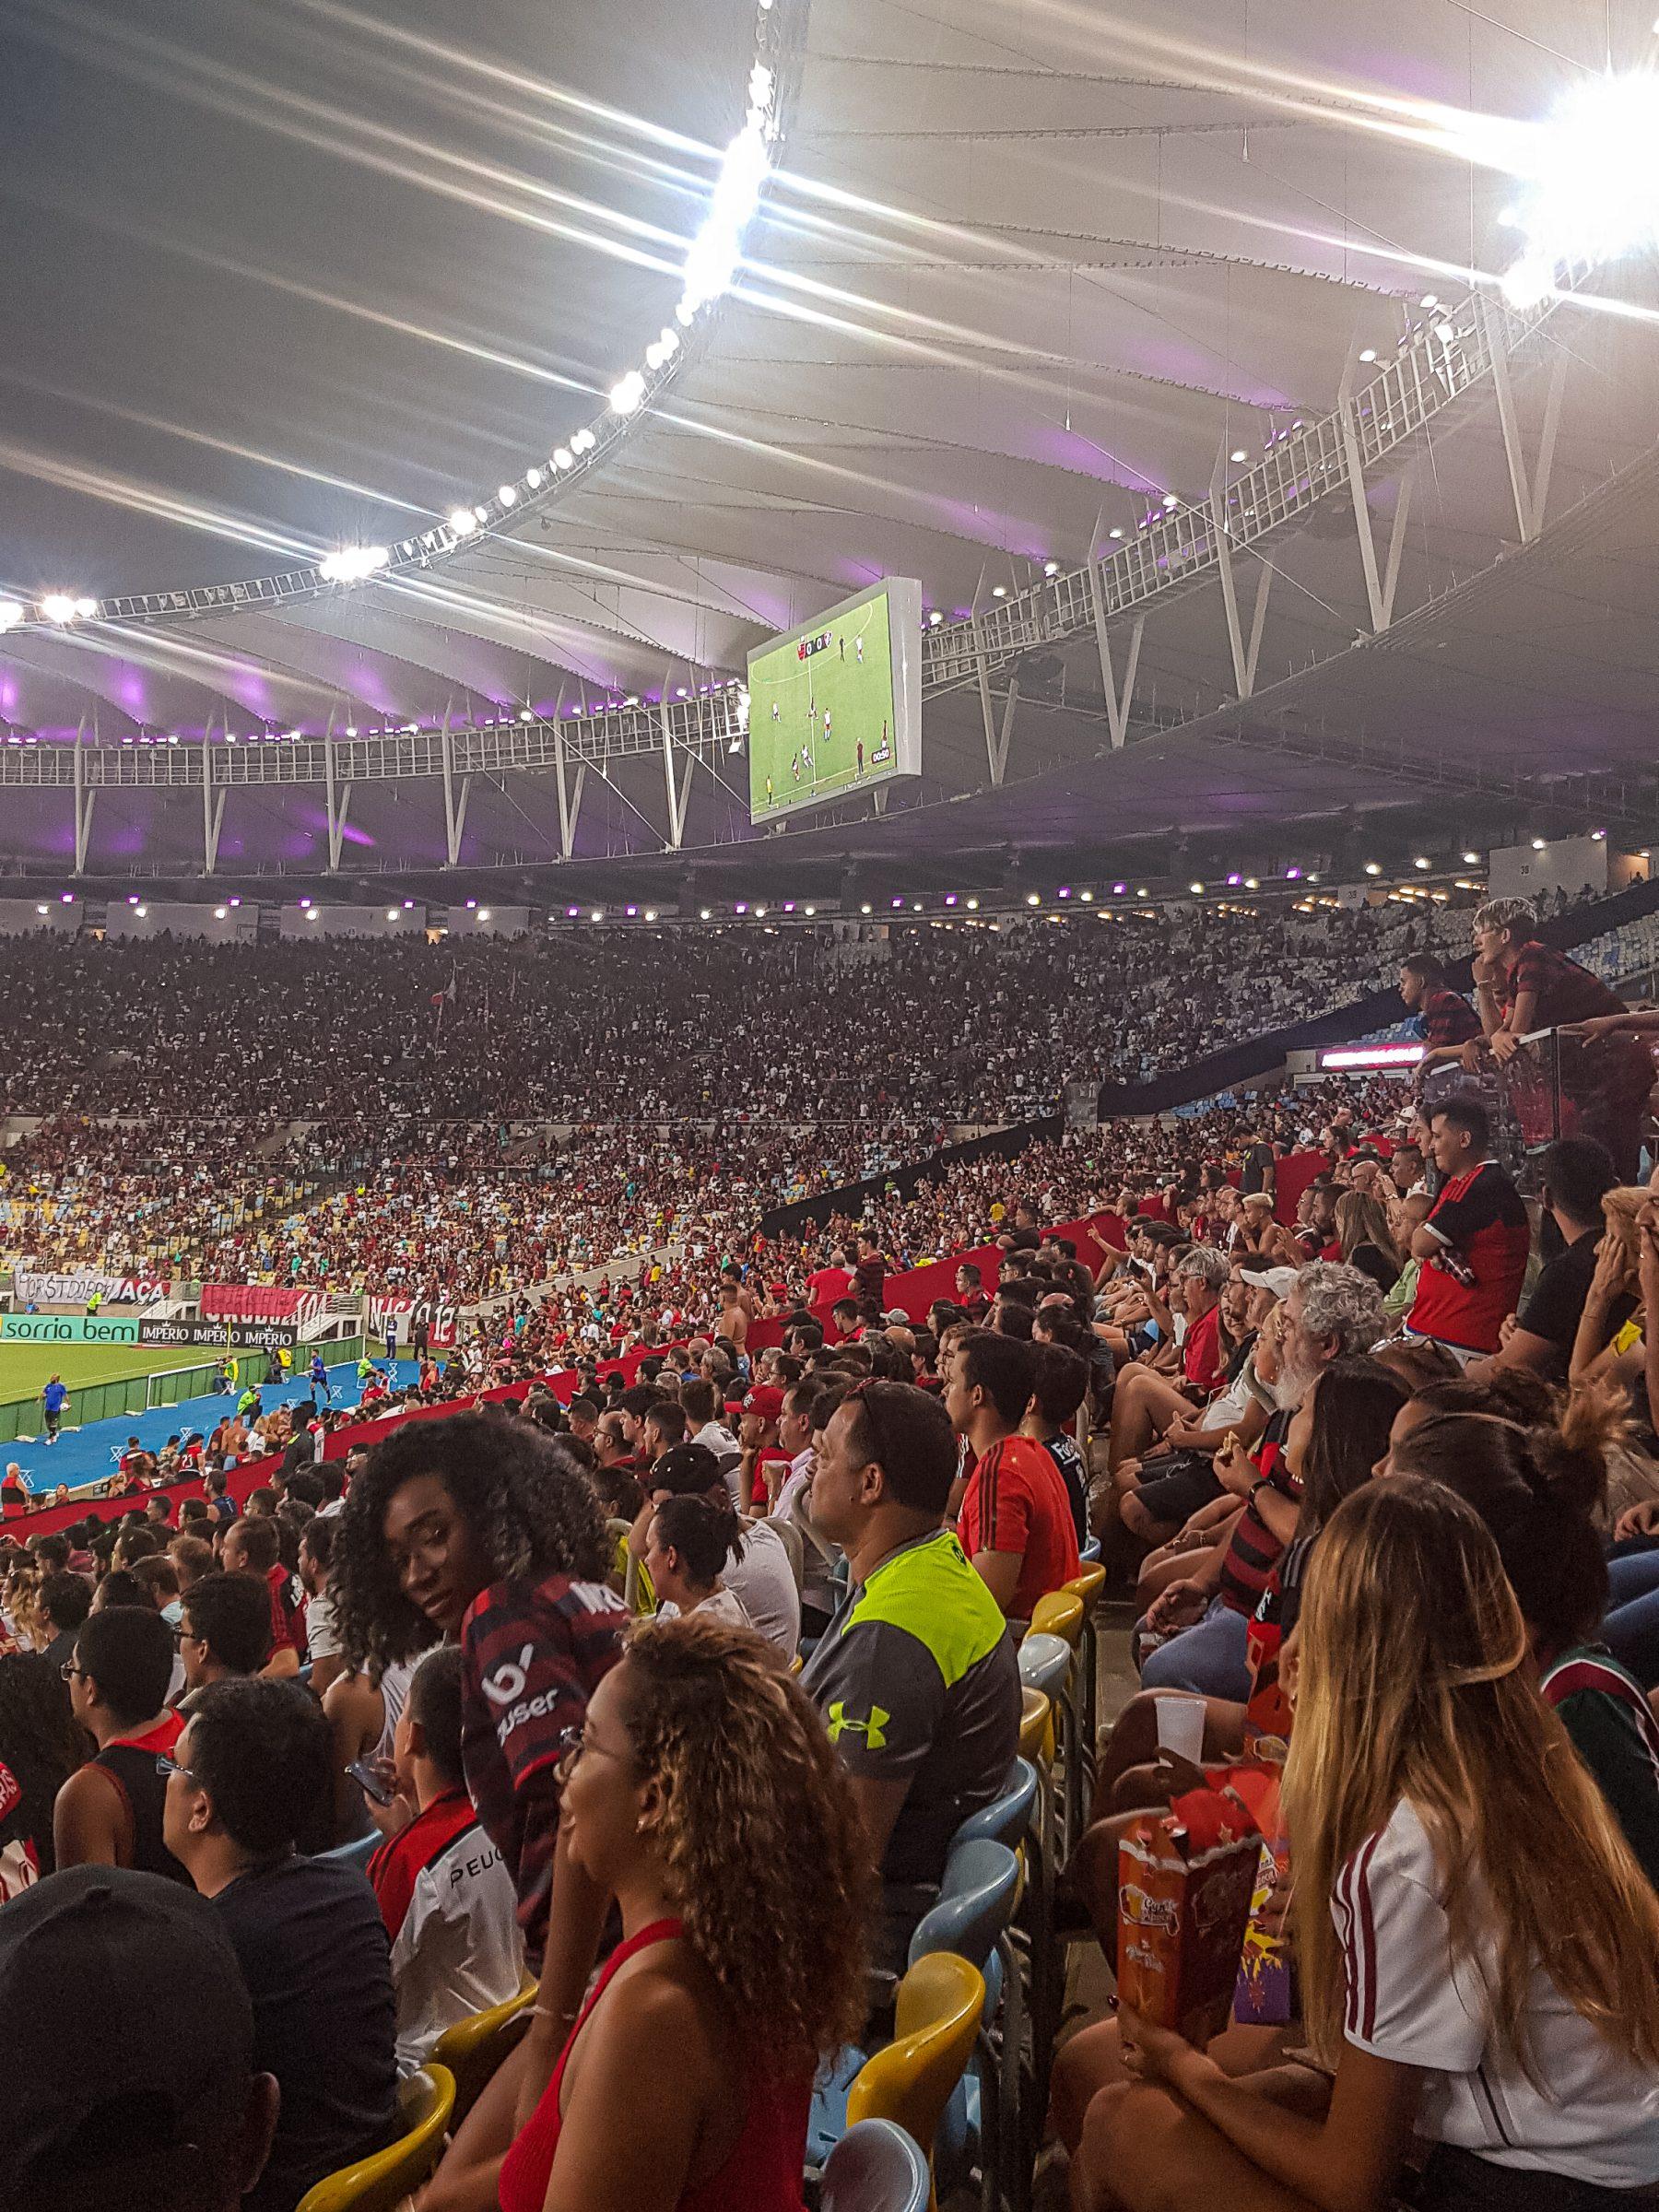 Voetbalwedstrijd Maracaña stadion – Rio de Janeiro